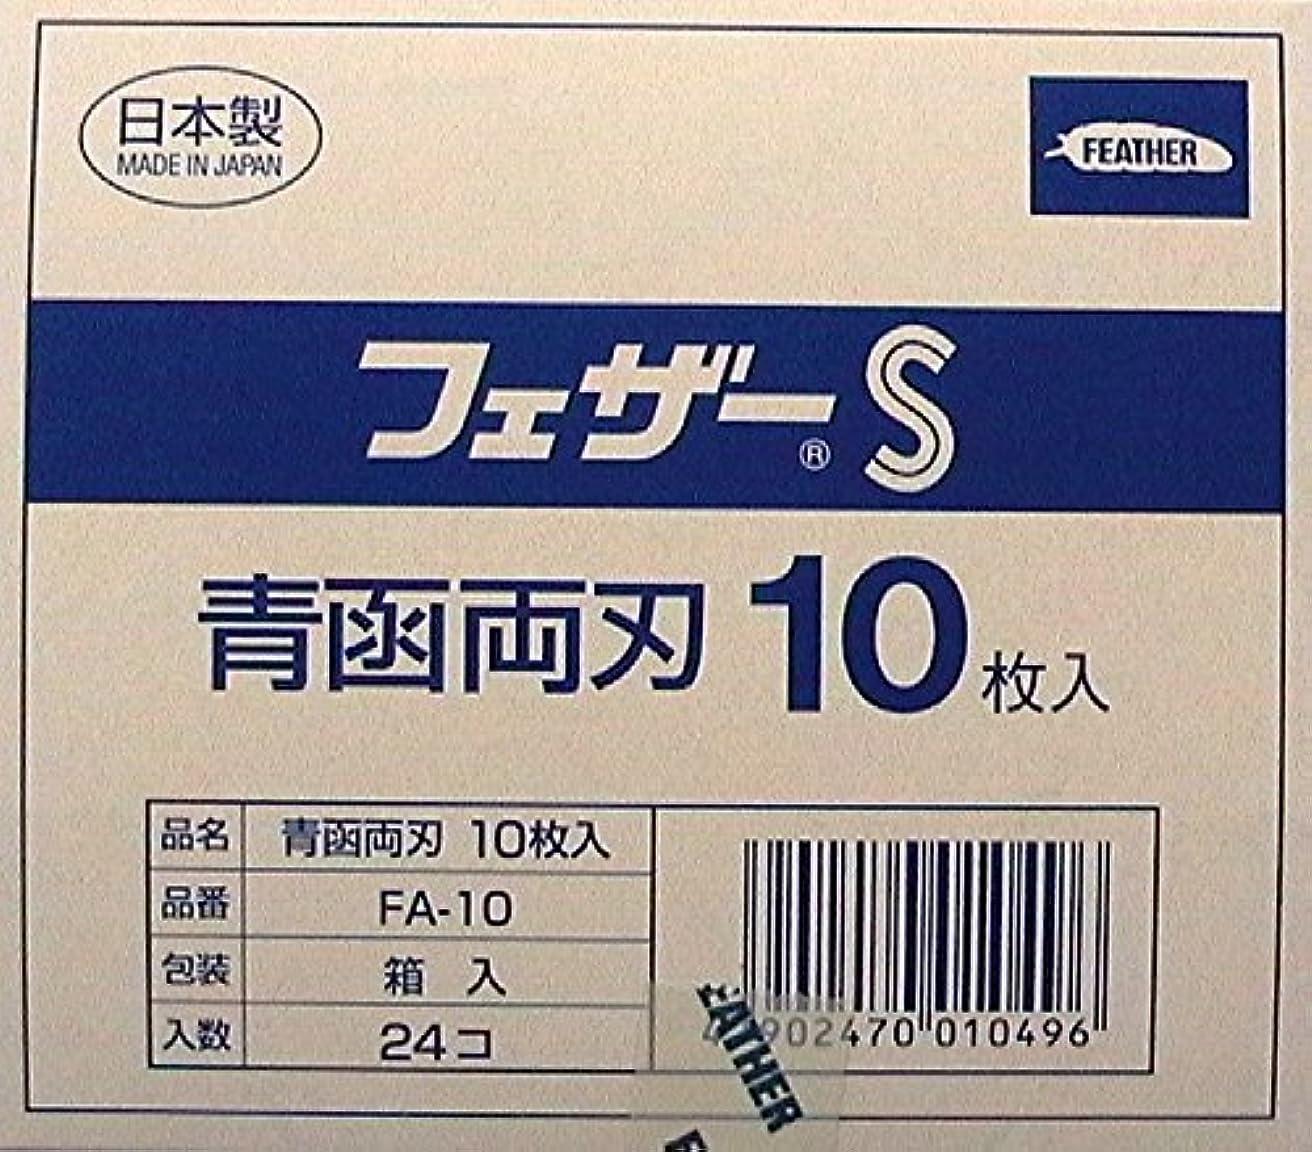 ボスアコード遠近法フェザーS 青函両刃FA-10 箱入り 10枚入り×24箱(240枚入り)